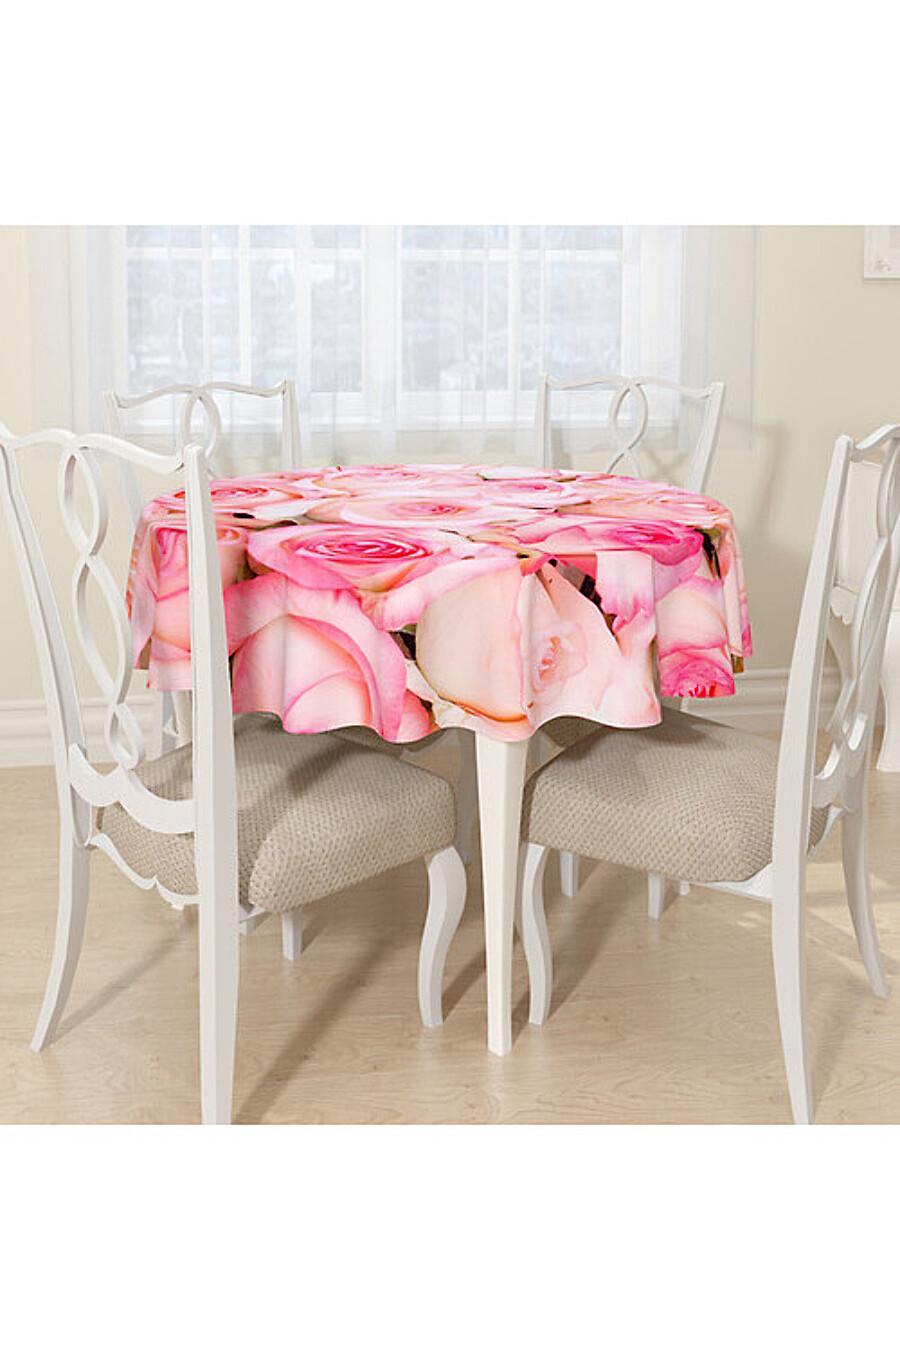 Скатерть для дома ART HOME TEXTILE 180157 купить оптом от производителя. Совместная покупка товаров для дома в OptMoyo